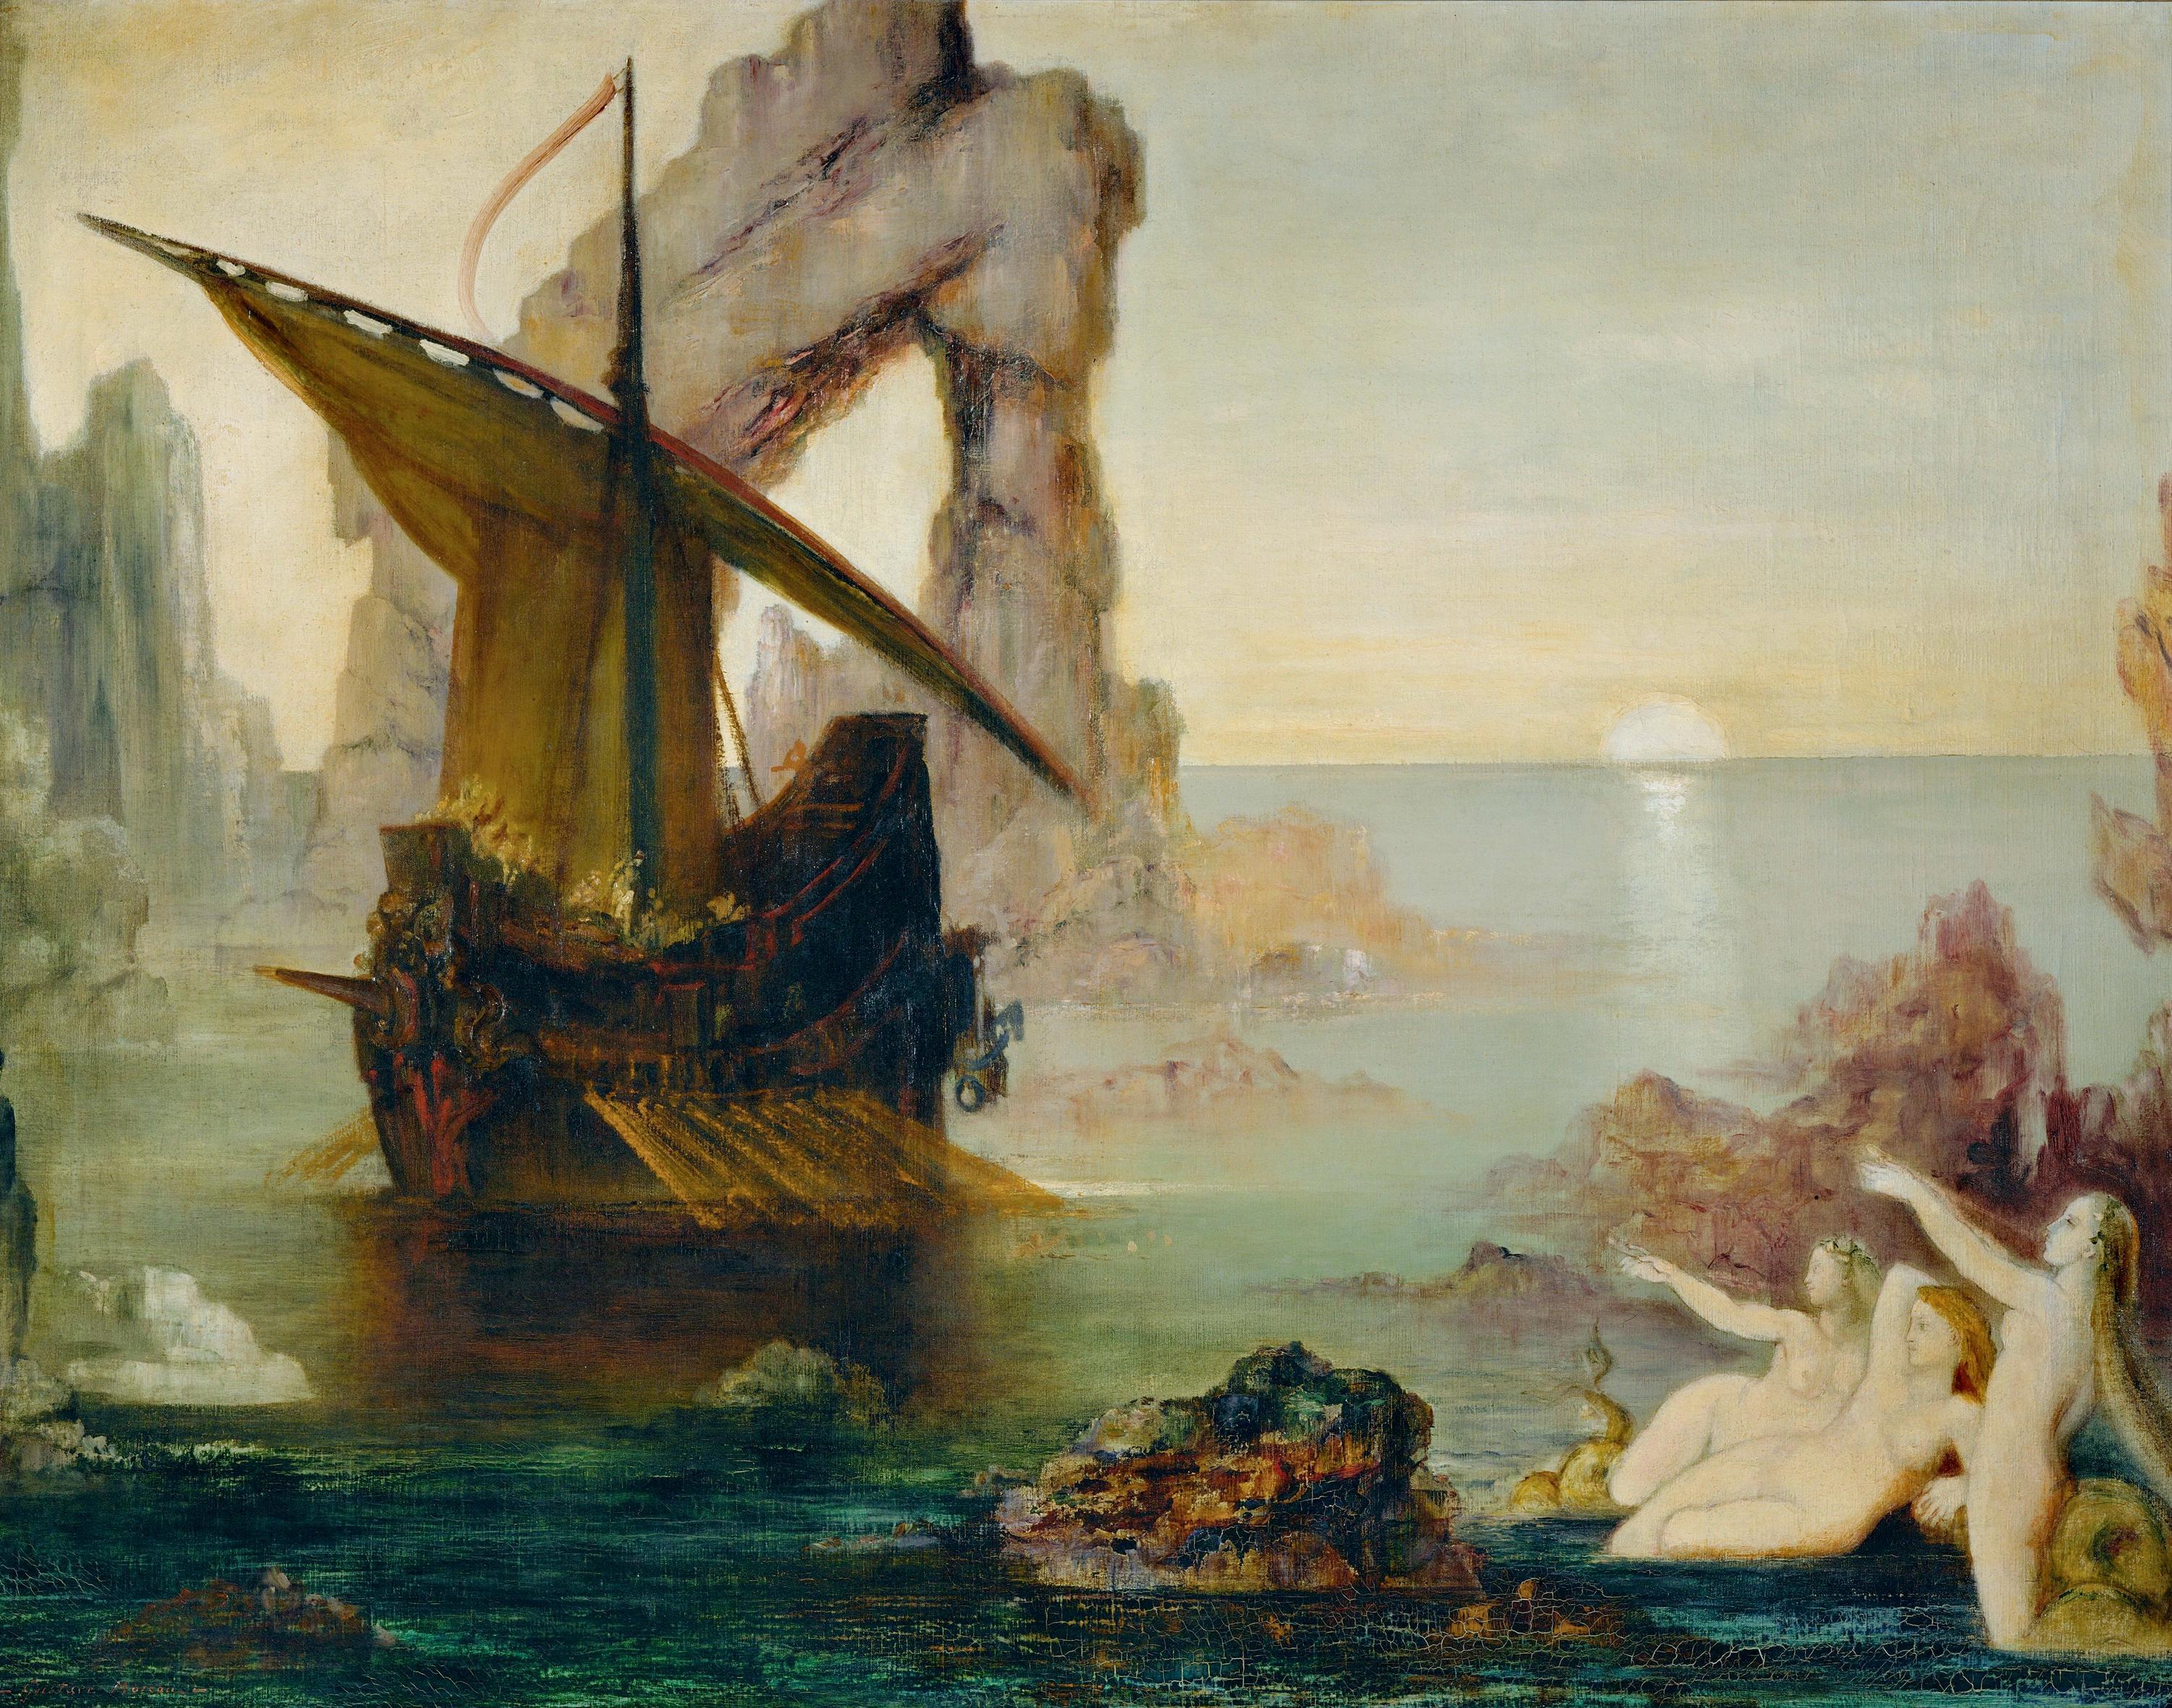 1875-1880_Одиссей и сирены (90,3 x 117 см) (Париж, музей Гюстава Моро)